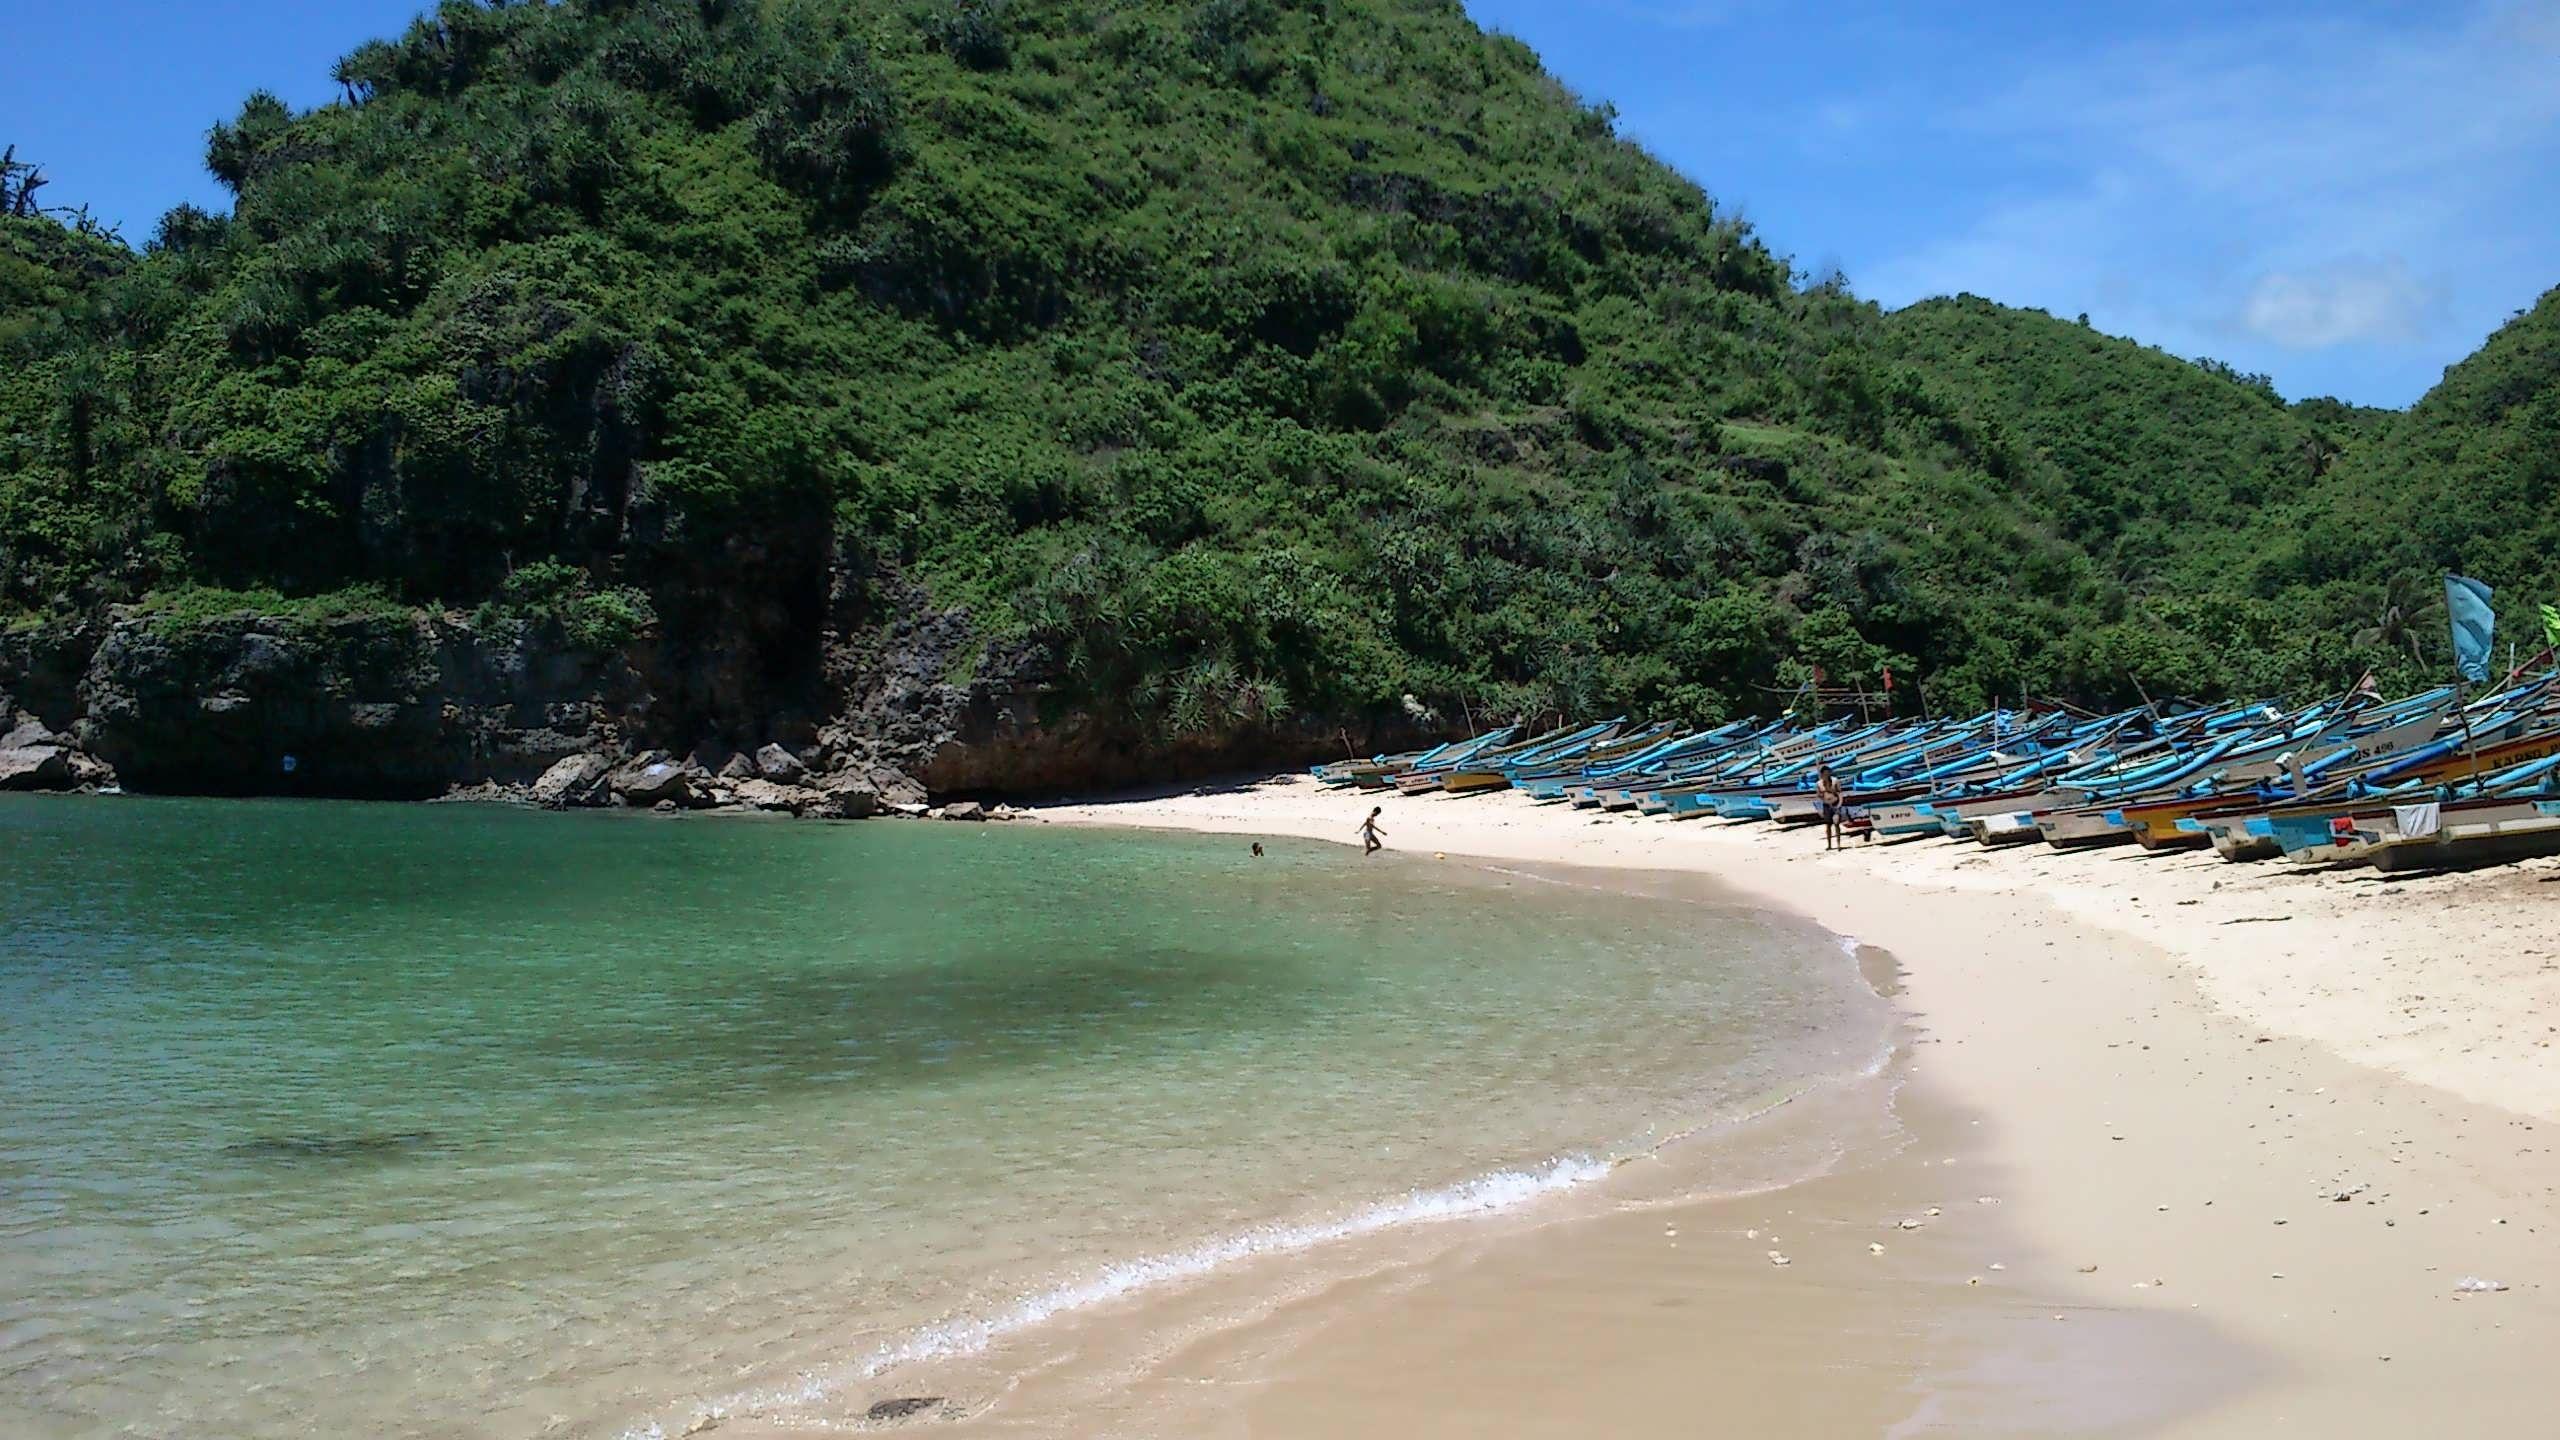 Pantai Ngrenehan Yang Indah Di Gunung Kidul Yogyakarta Yogyakarta Pantai Yogyakarta Dan Pegunungan